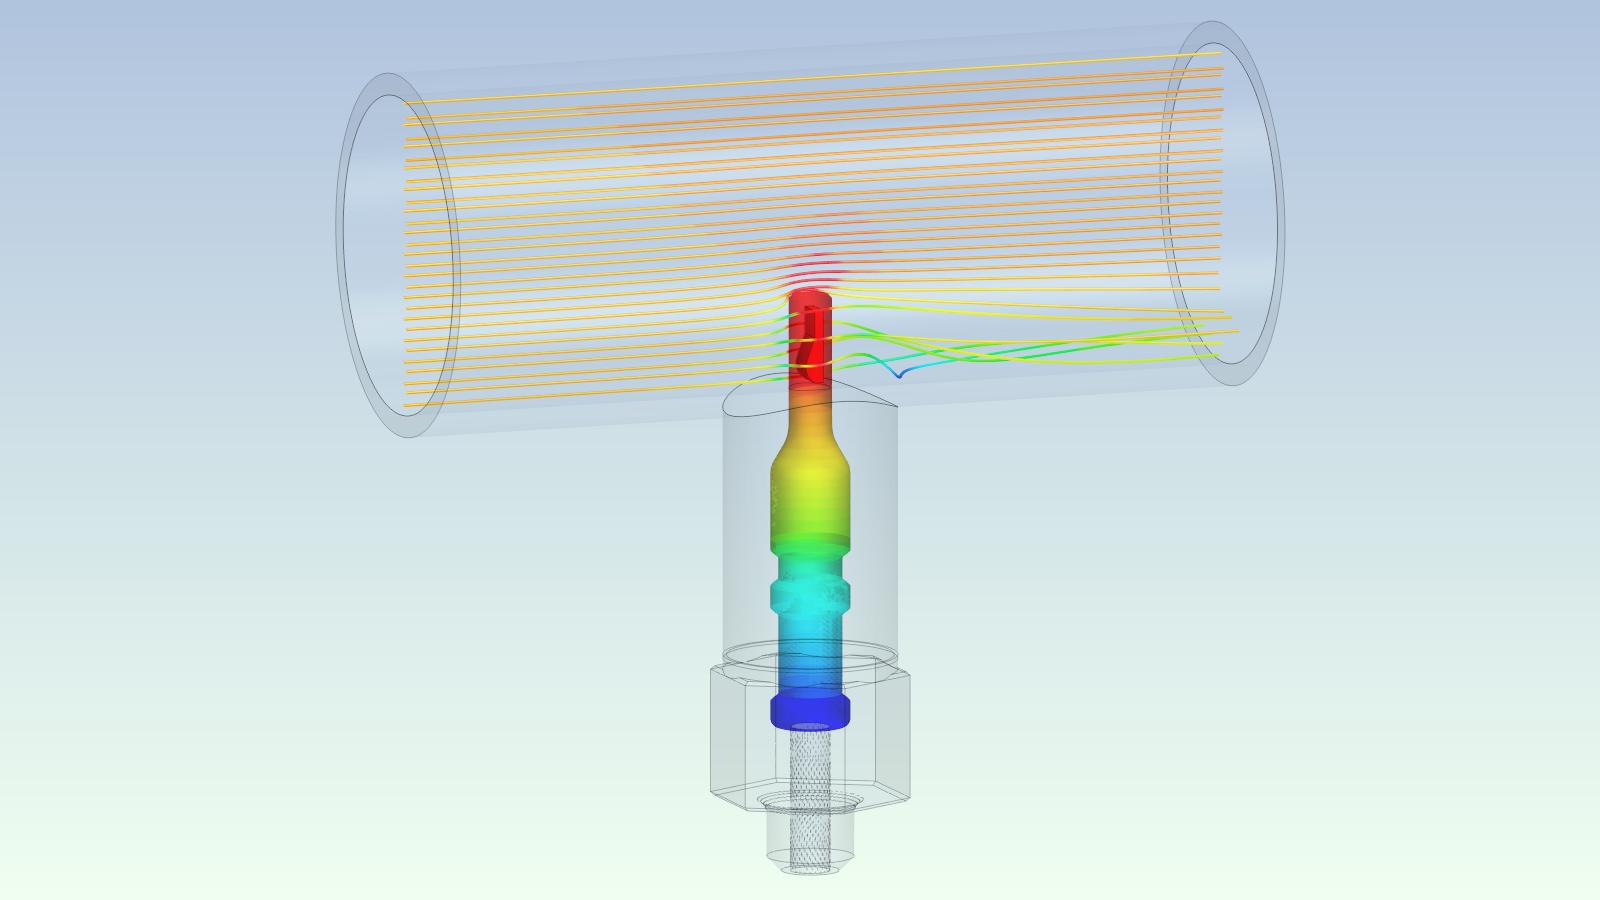 Temperatur-Simulation eines Sensors in der zu messenden Strömung